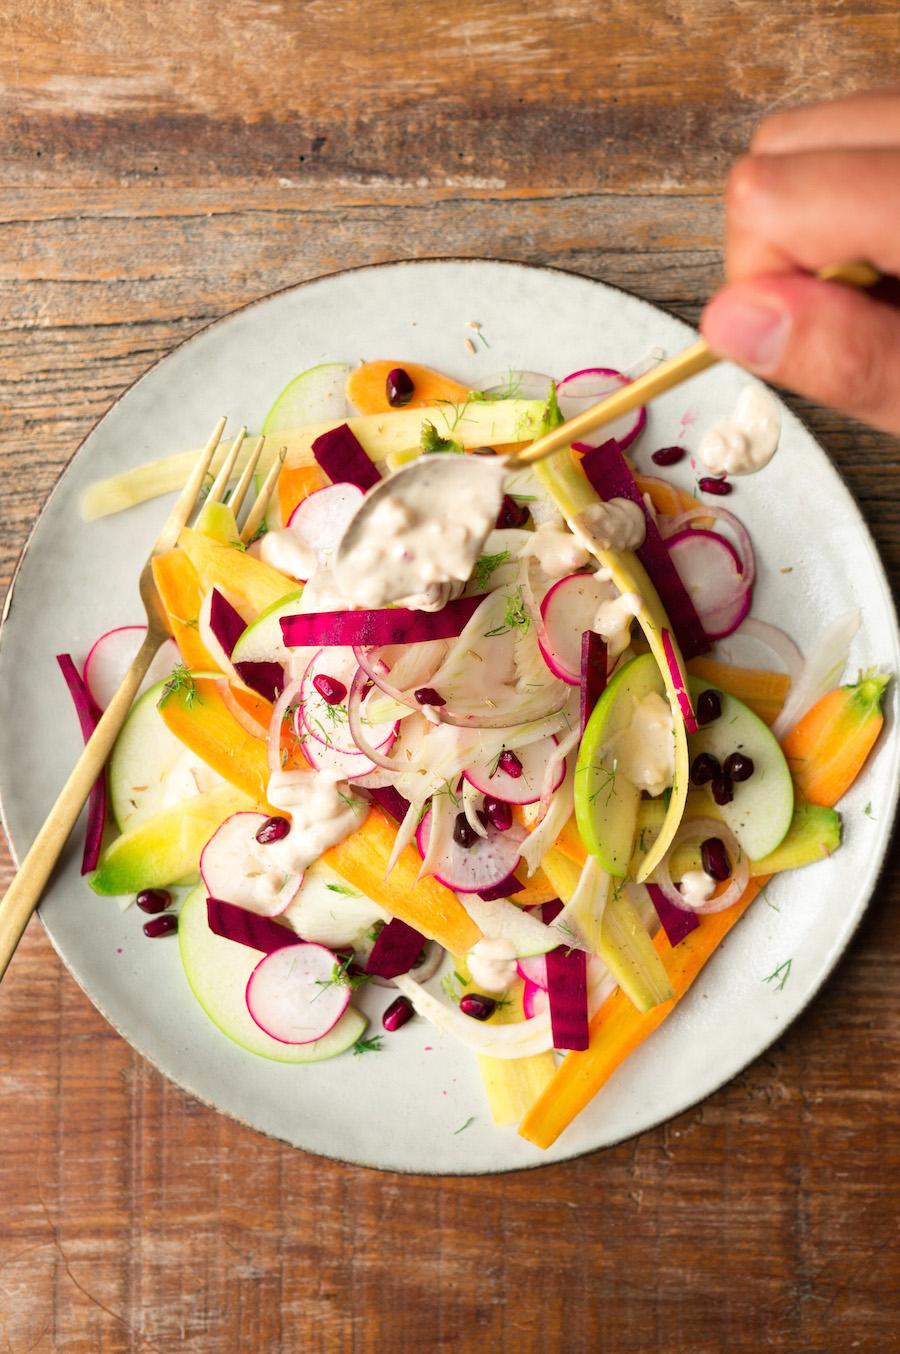 salade van rauwe groente